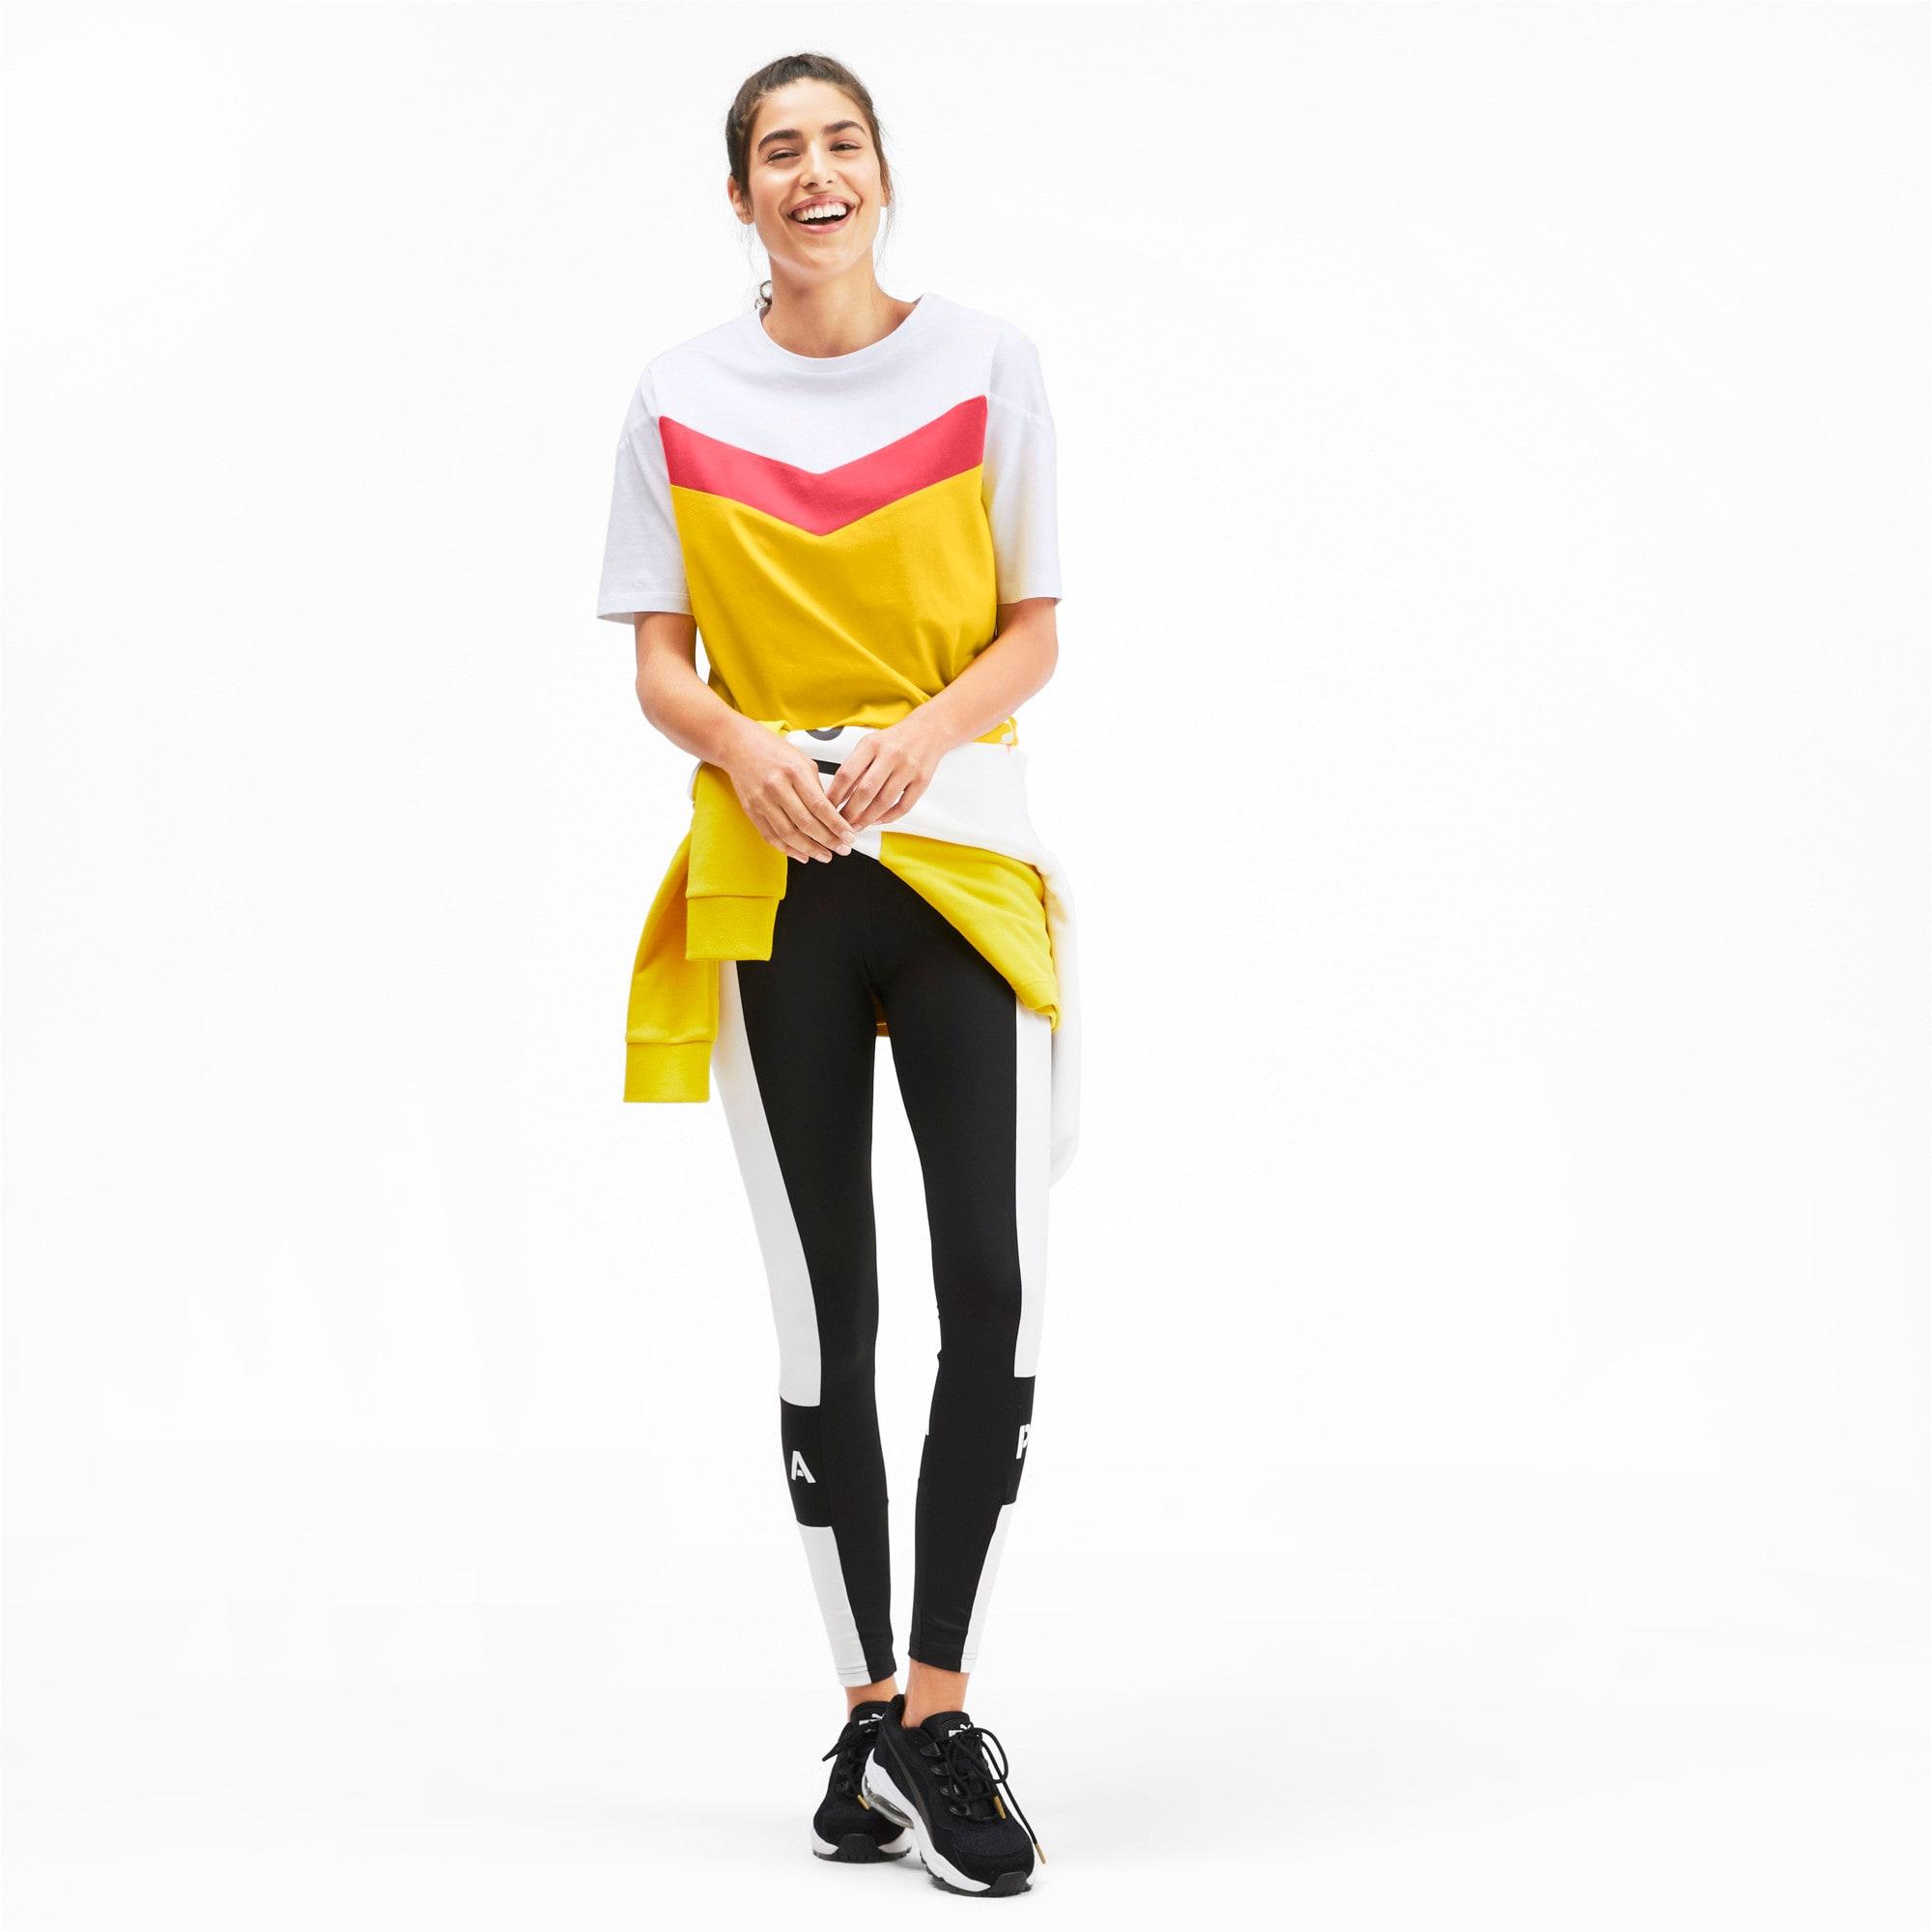 Miniatura 4 de Camiseta PUMA XTG en colores combinados para mujer, Sulphur, mediano